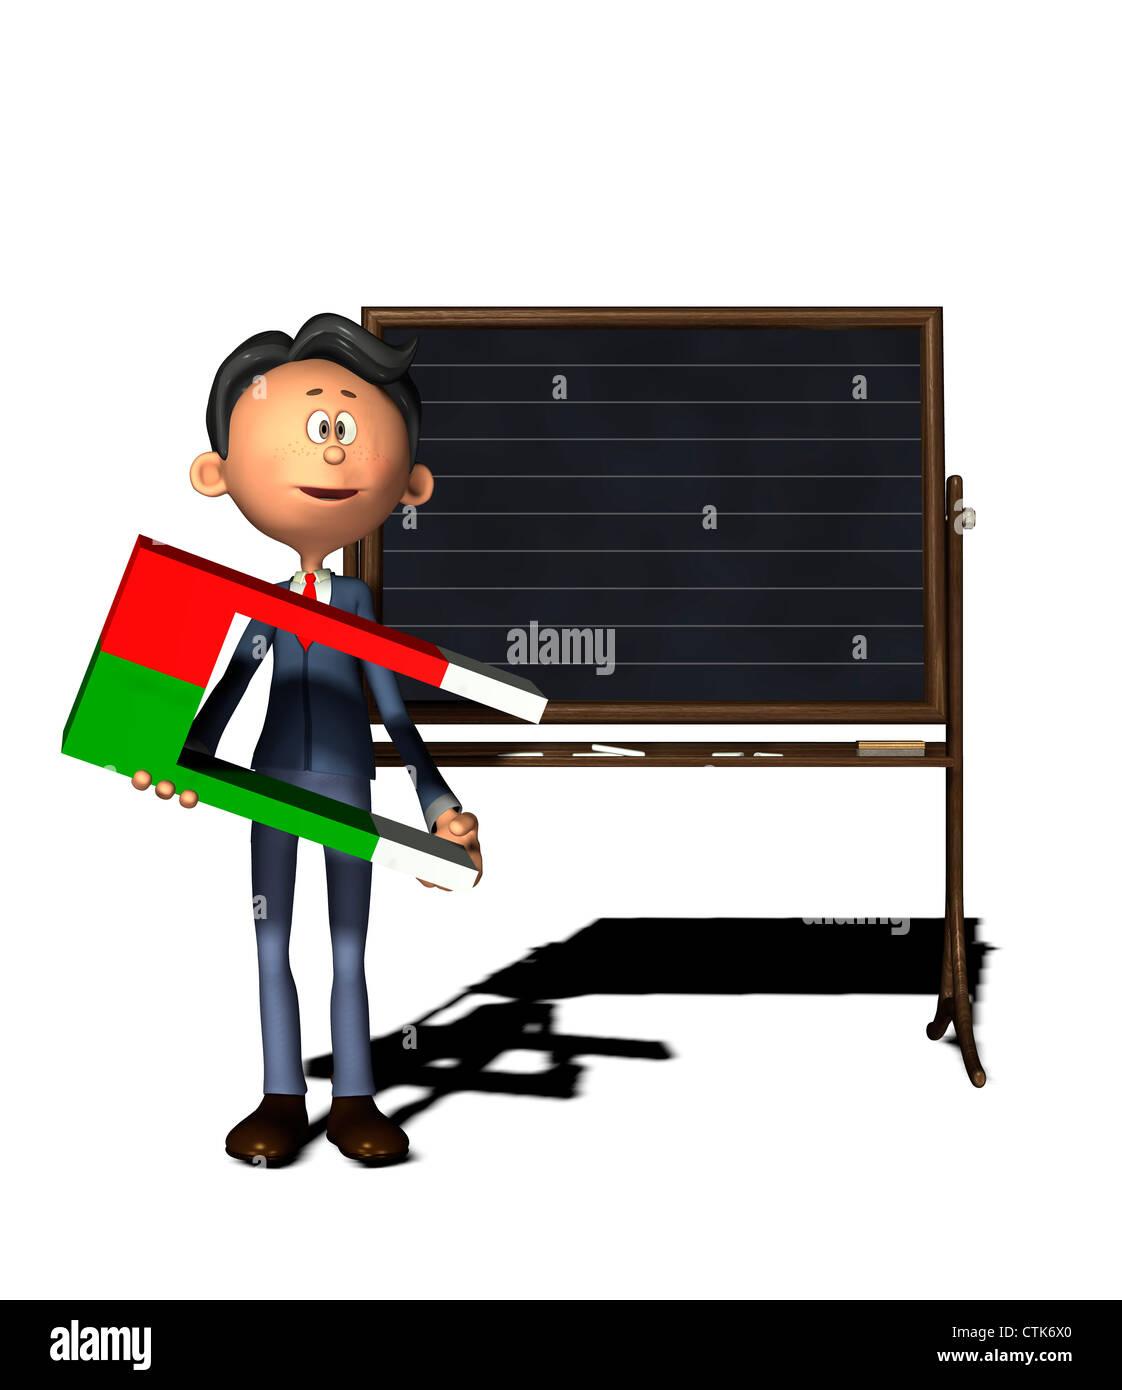 Cartoon-Figur Physiklehrer mit Hufeisen-magnet Stockfoto